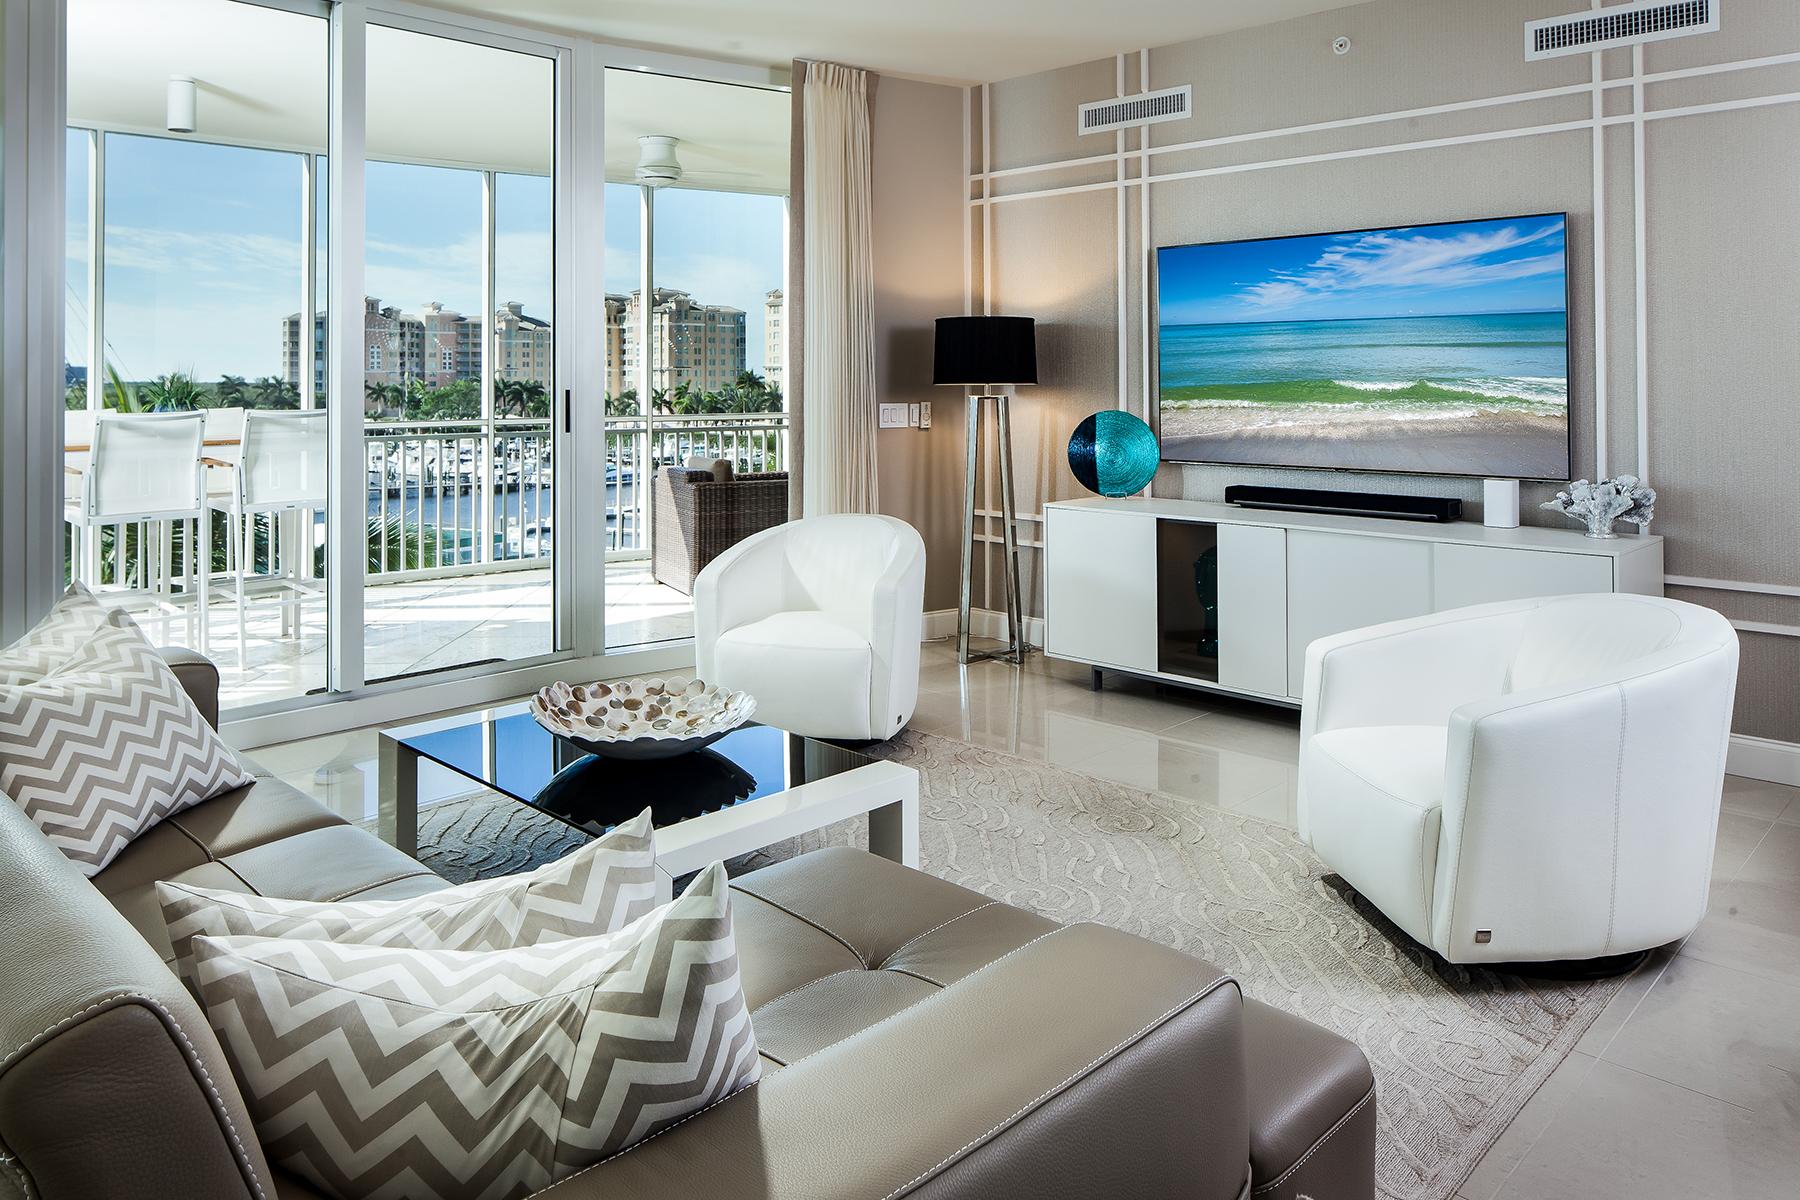 Nhà chung cư vì Bán tại PELICAN ISLE - AQUA 13675 Vanderbilt Dr I-505 Naples, Florida, 34110 Hoa Kỳ